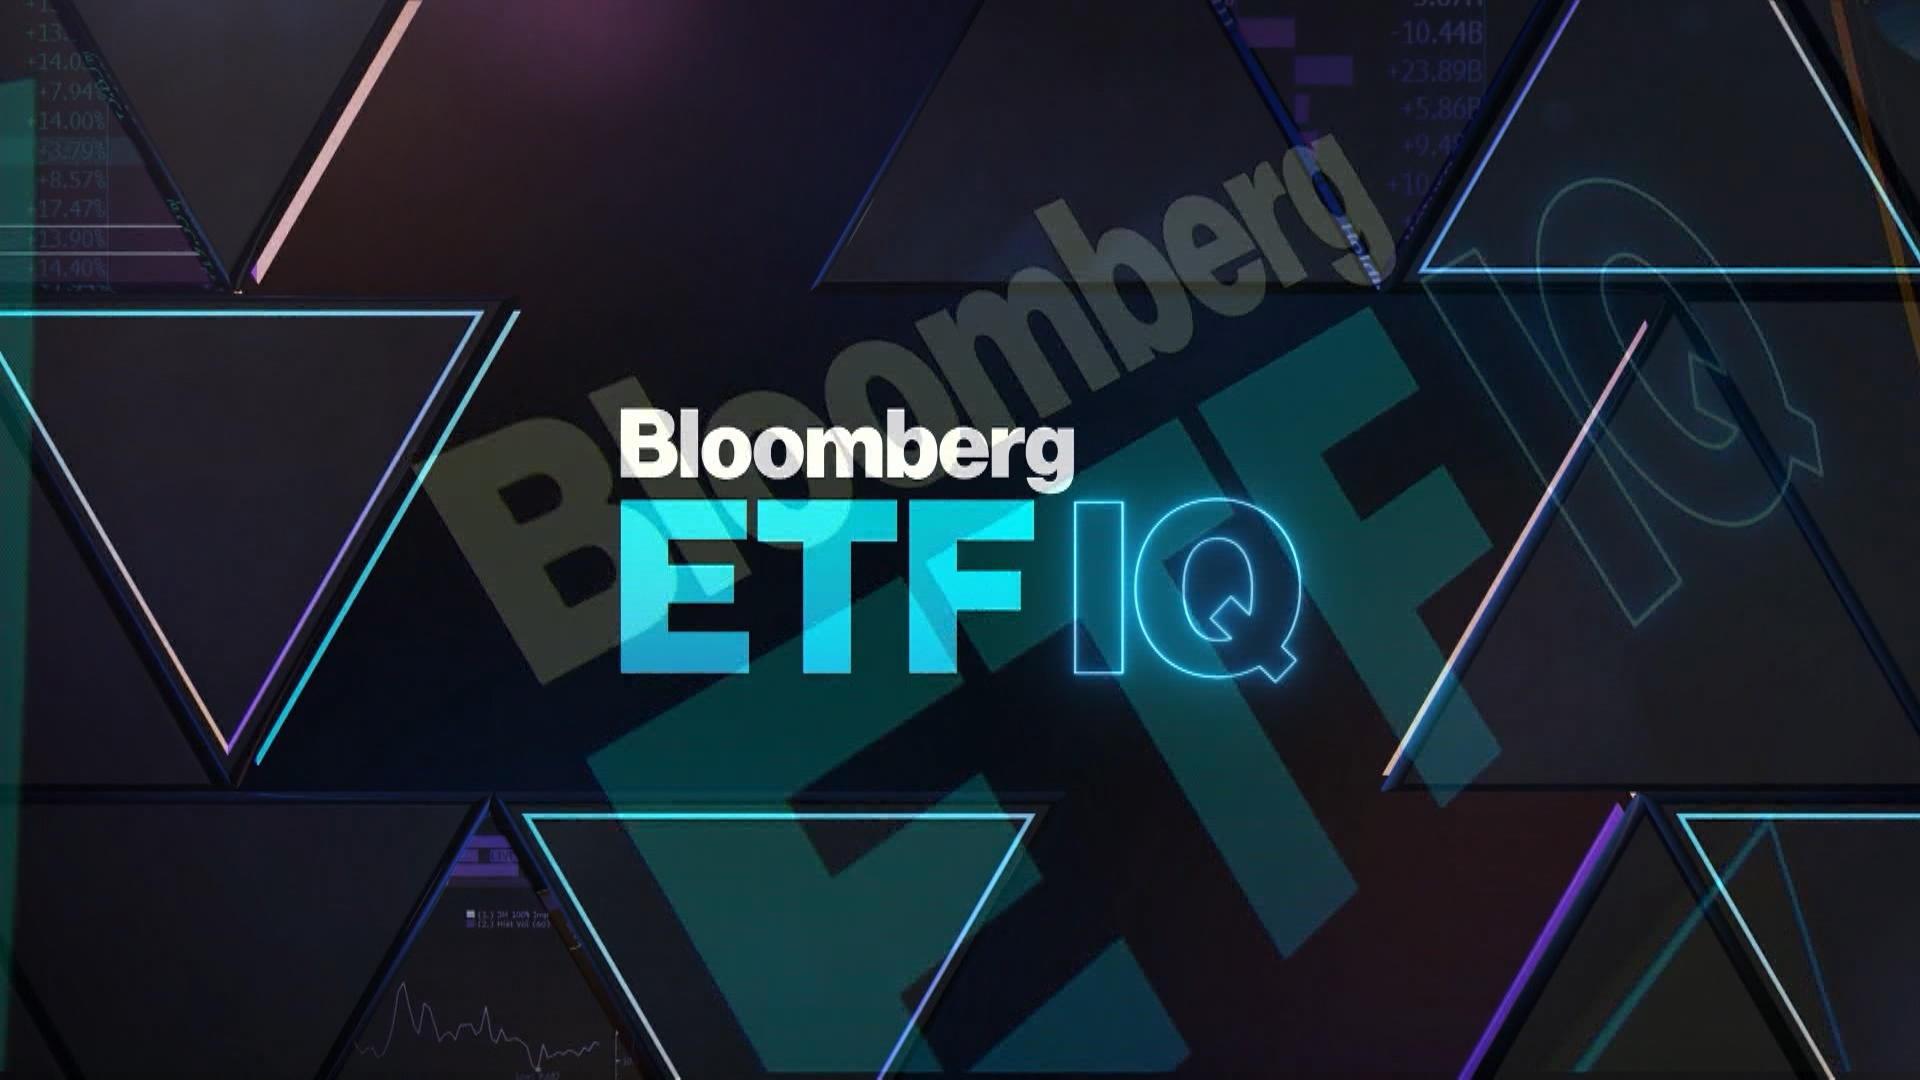 'Bloomberg ETF IQ' Full Show (2/20/2019)